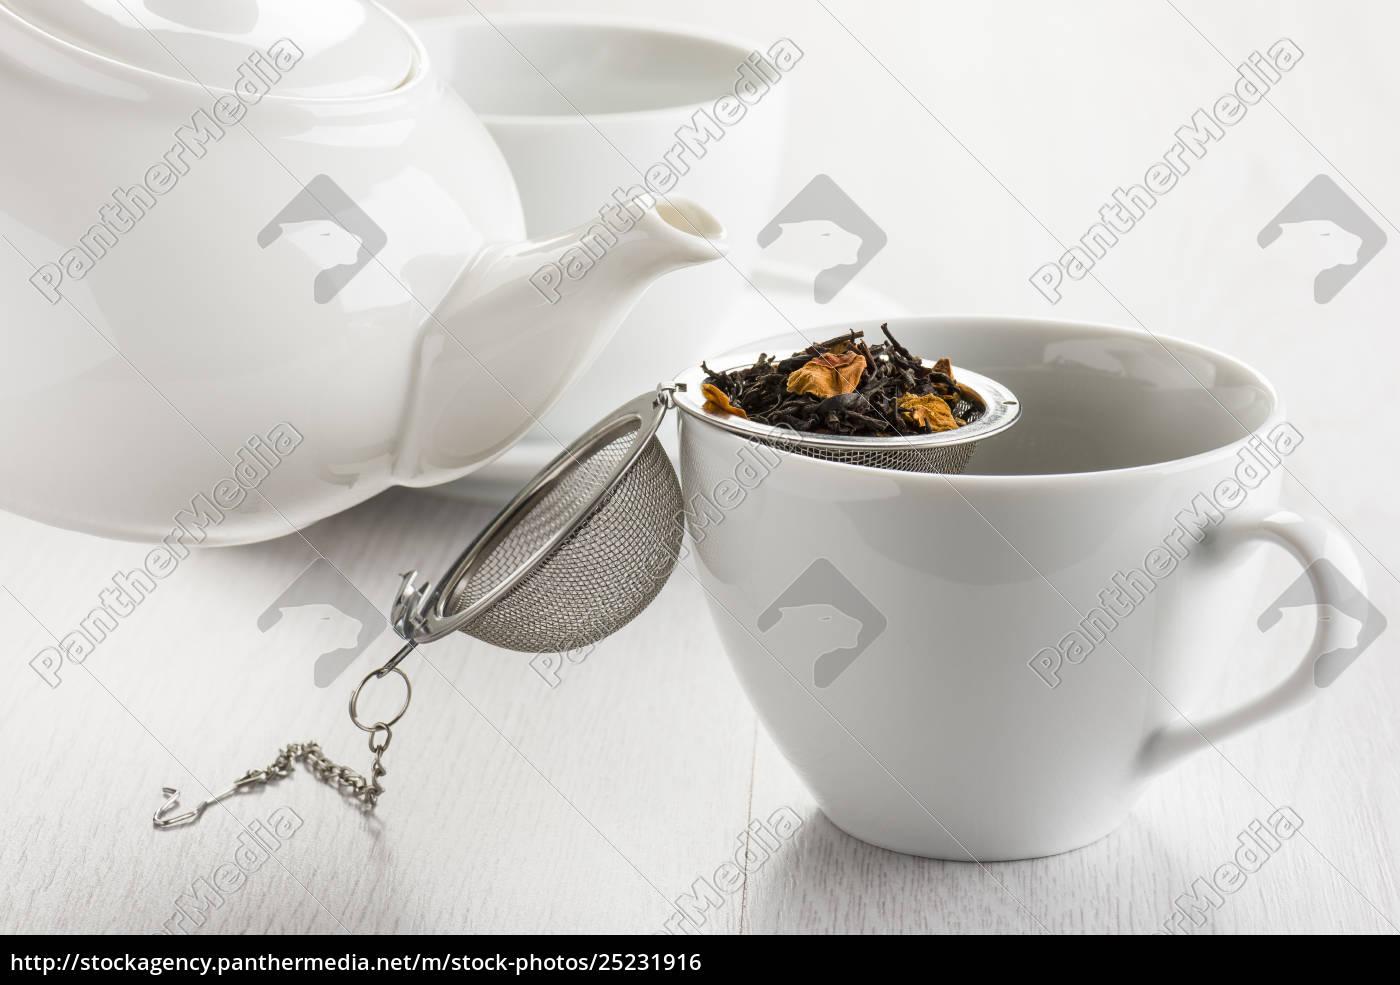 tea, infuser - 25231916